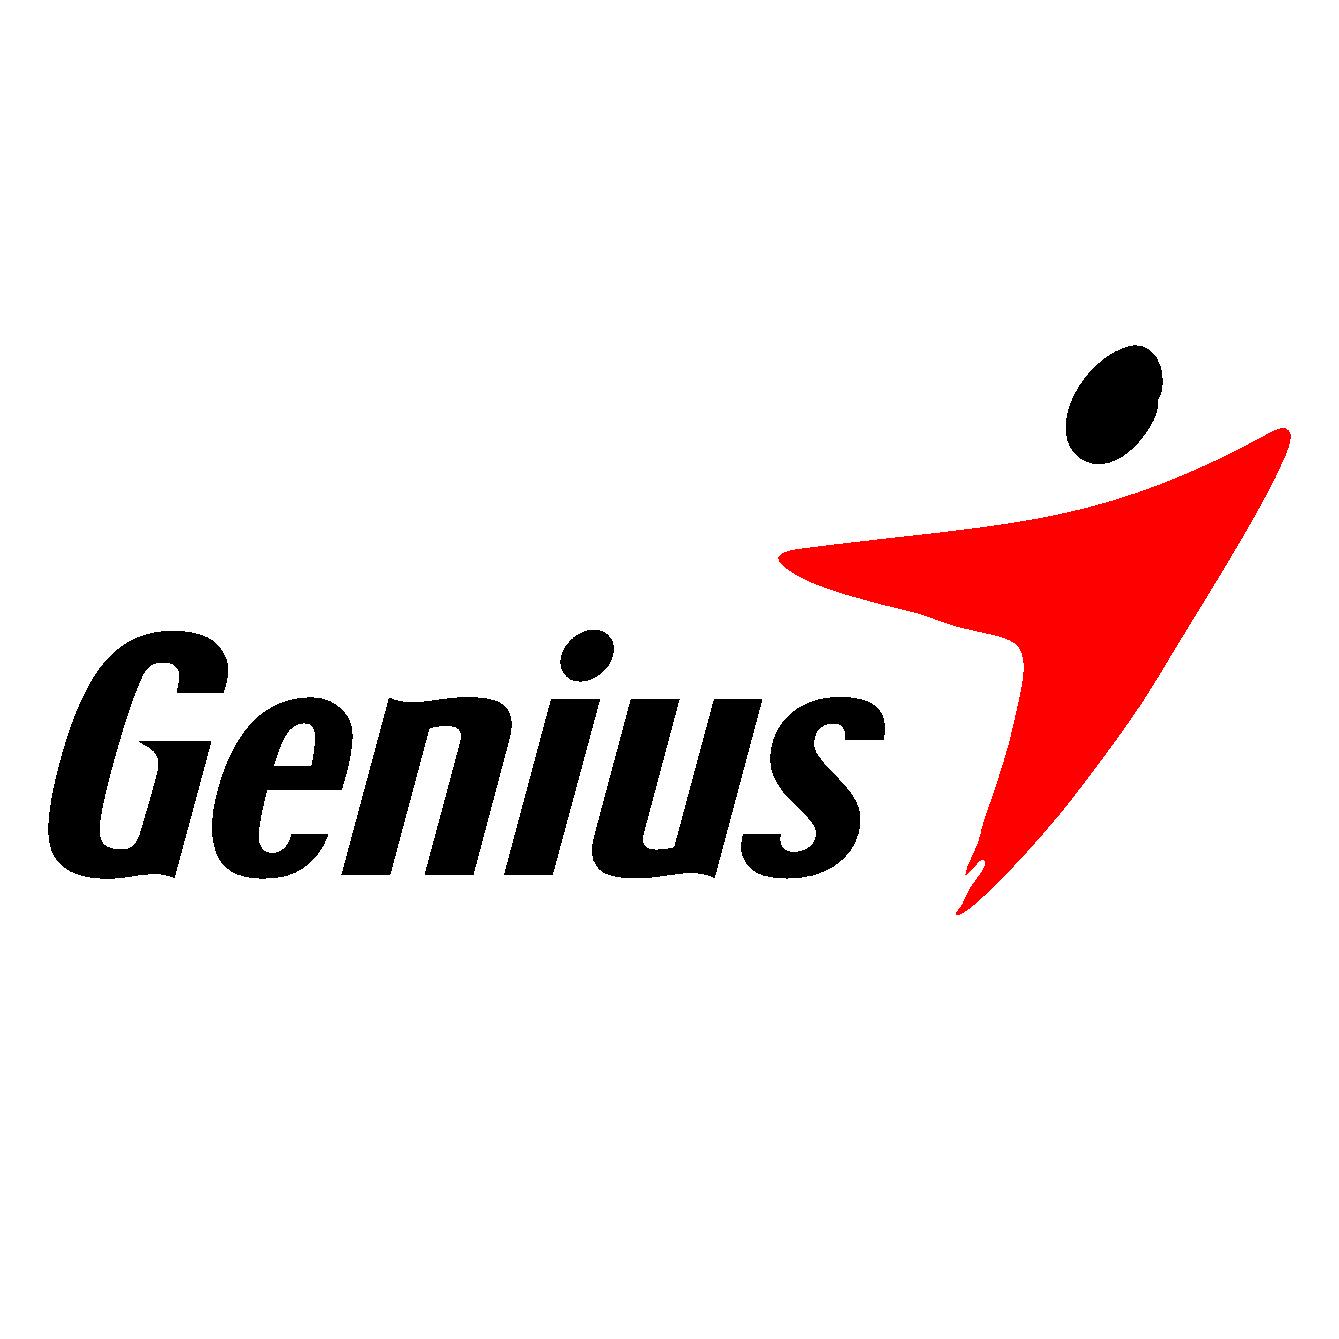 geniuslogomic